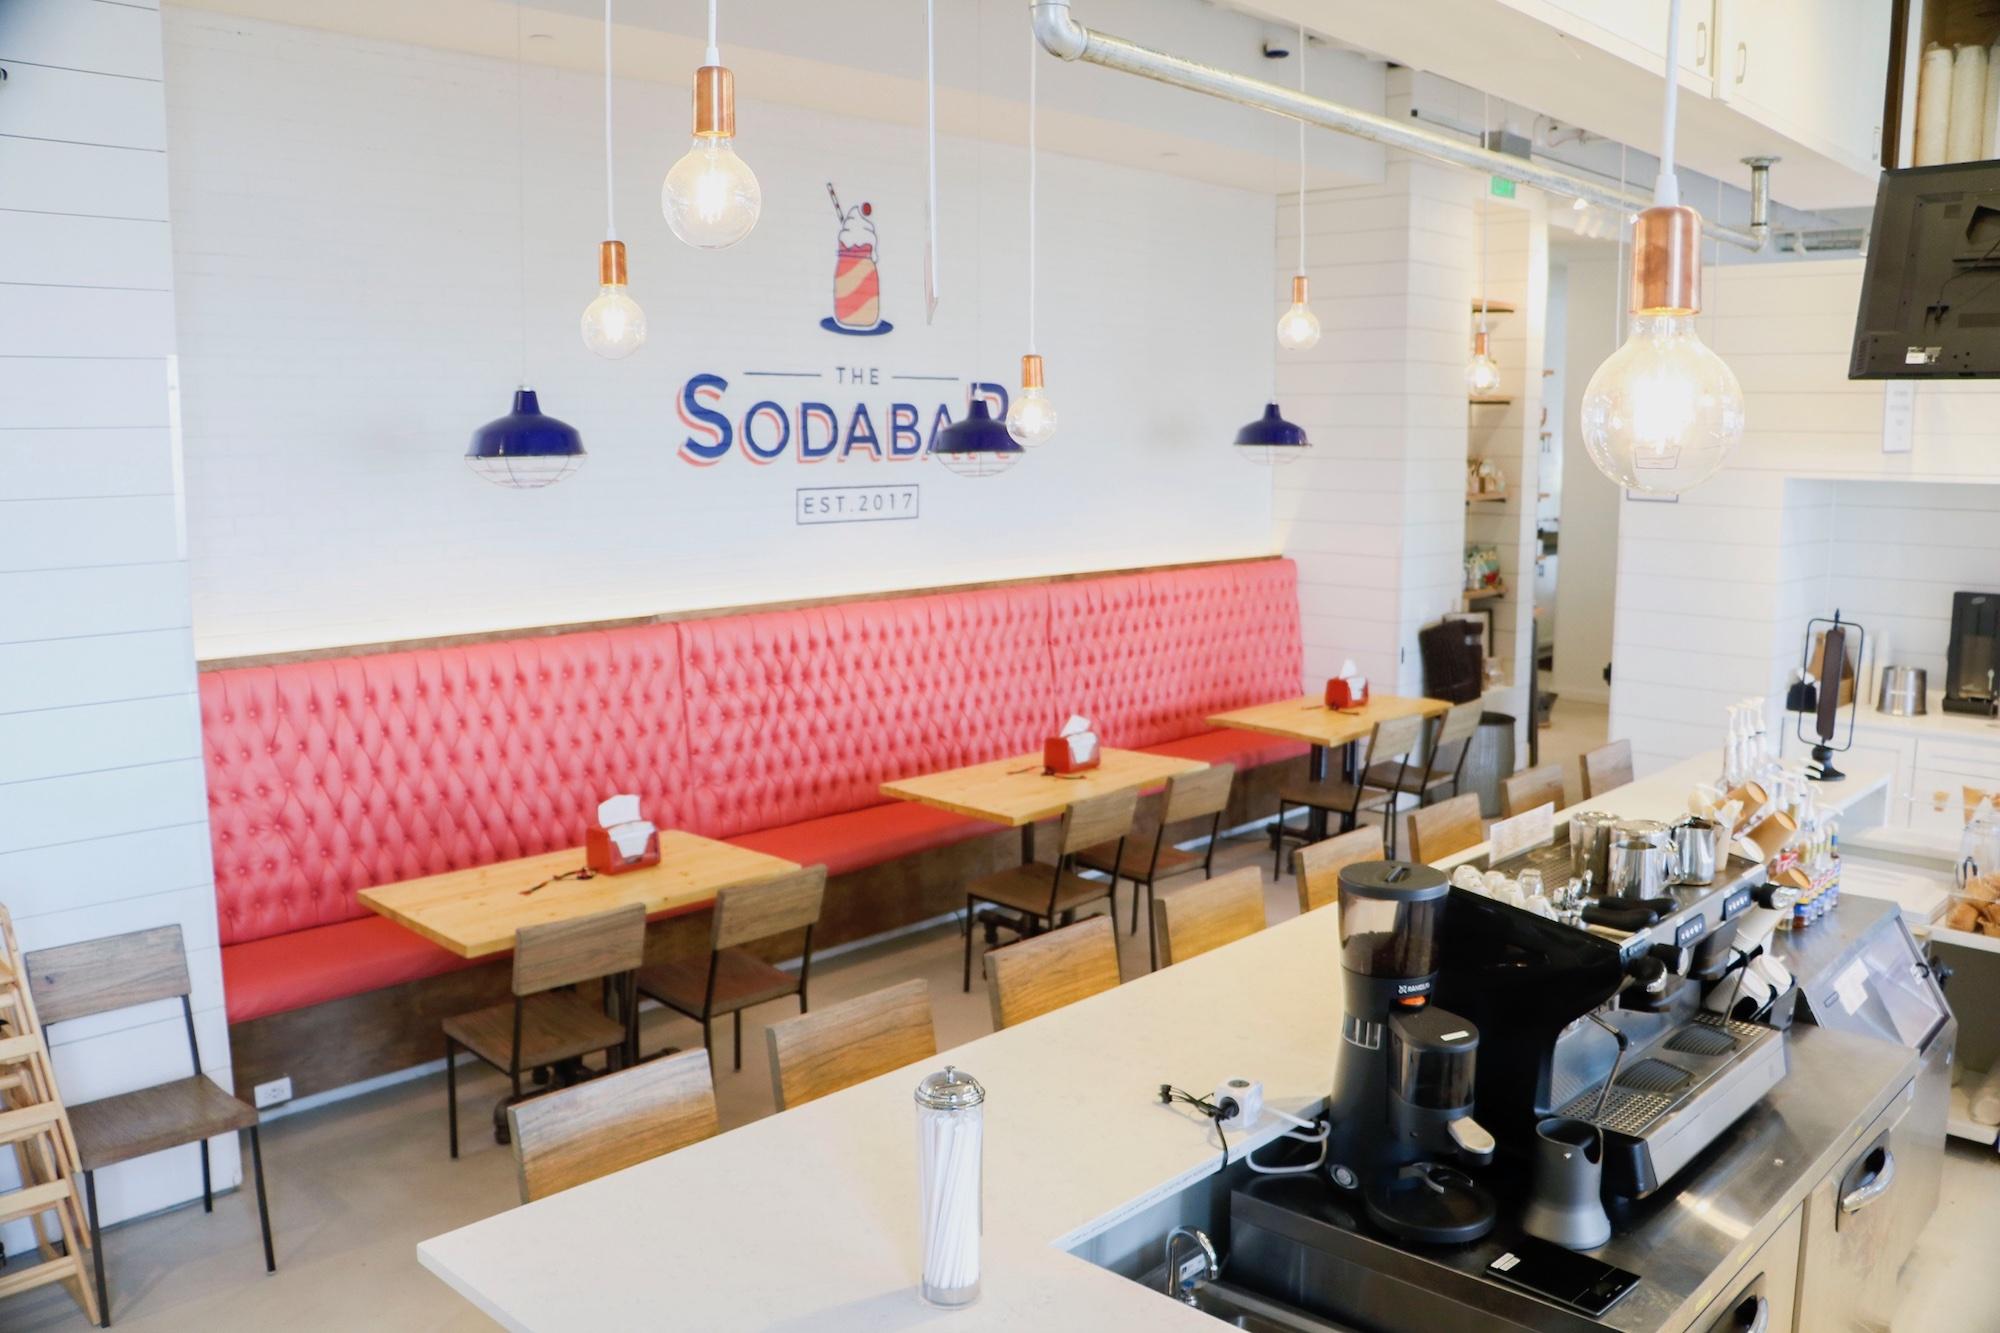 The Sodabar